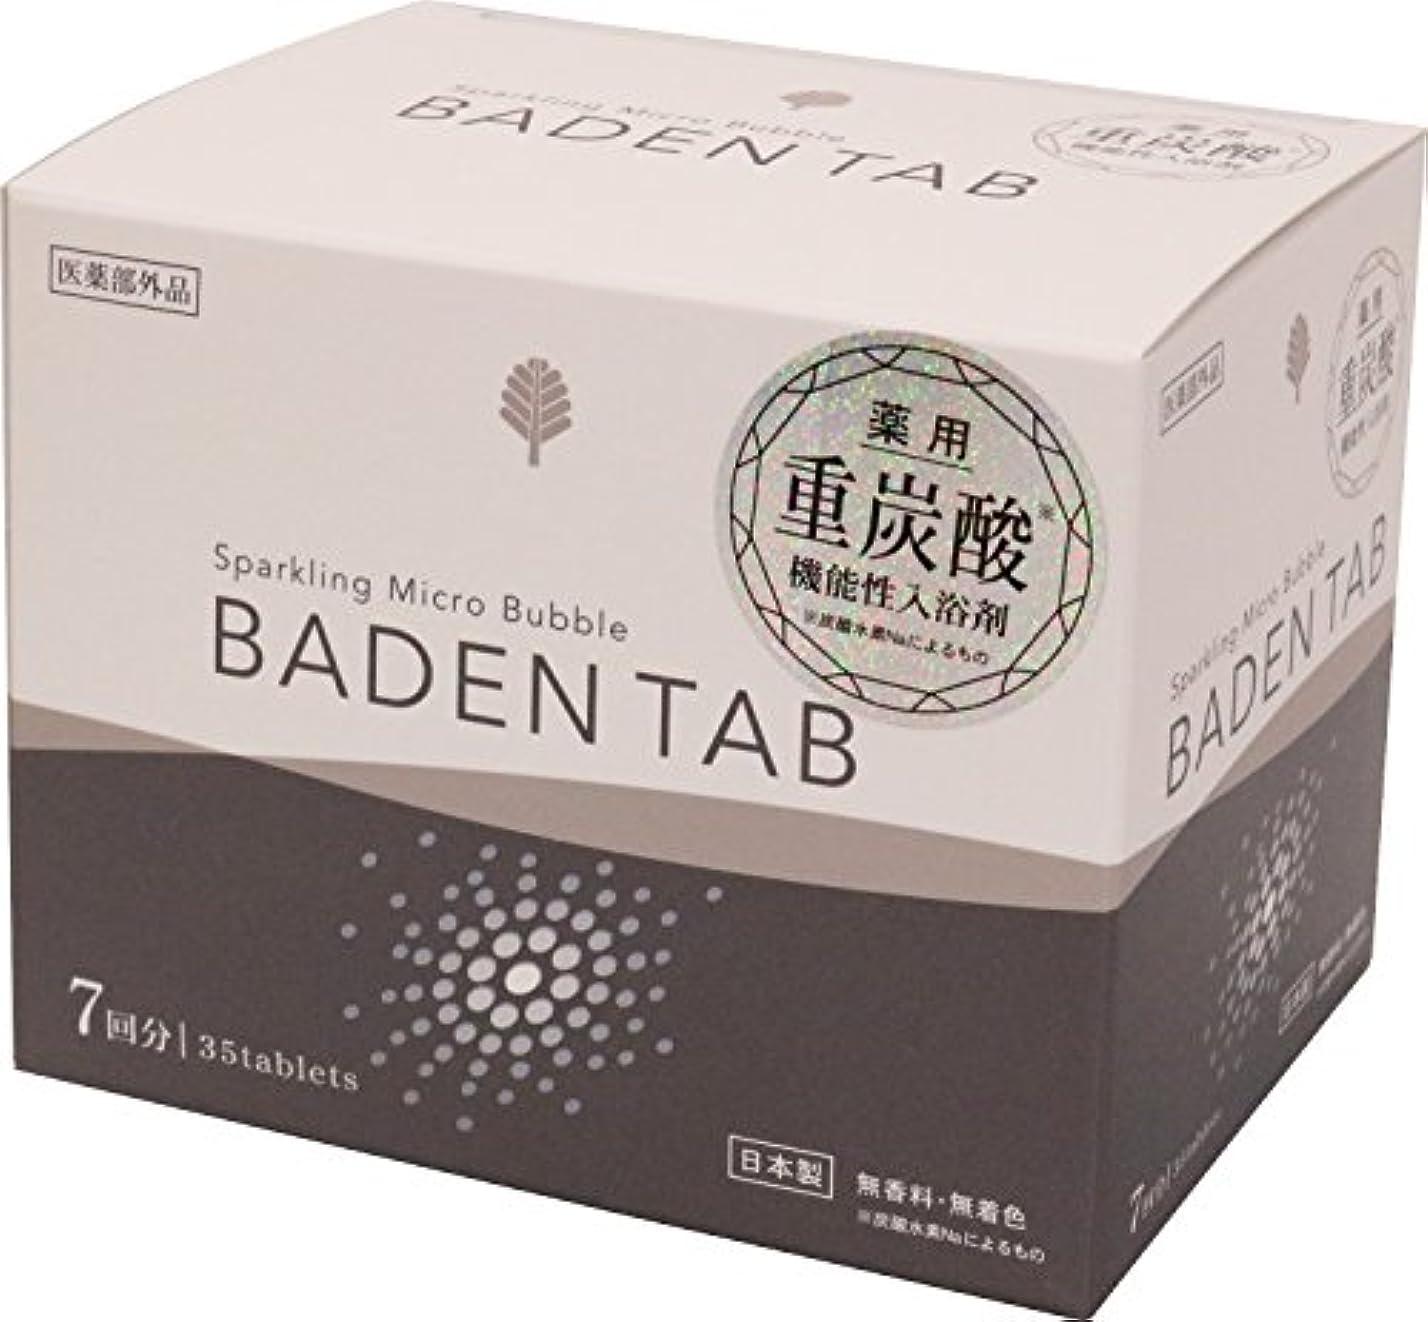 貫入なめらかな別々に紀陽除虫菊 薬用 重炭酸入浴剤 BADEN TAB バスタブレット (7回分) 35錠入り [医薬部外品]